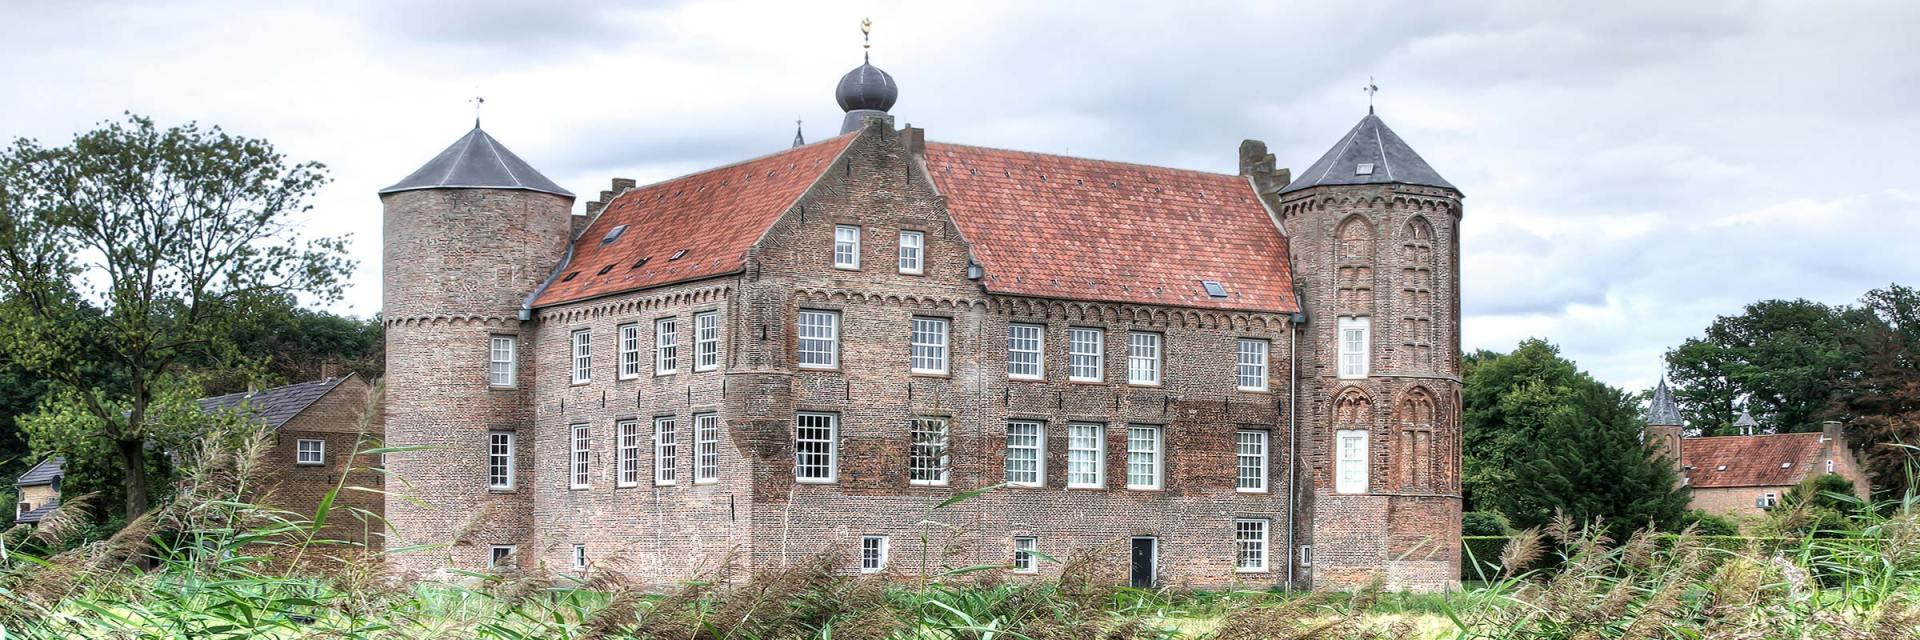 Kasteel Croy, Noord Brabant, geschiedenis